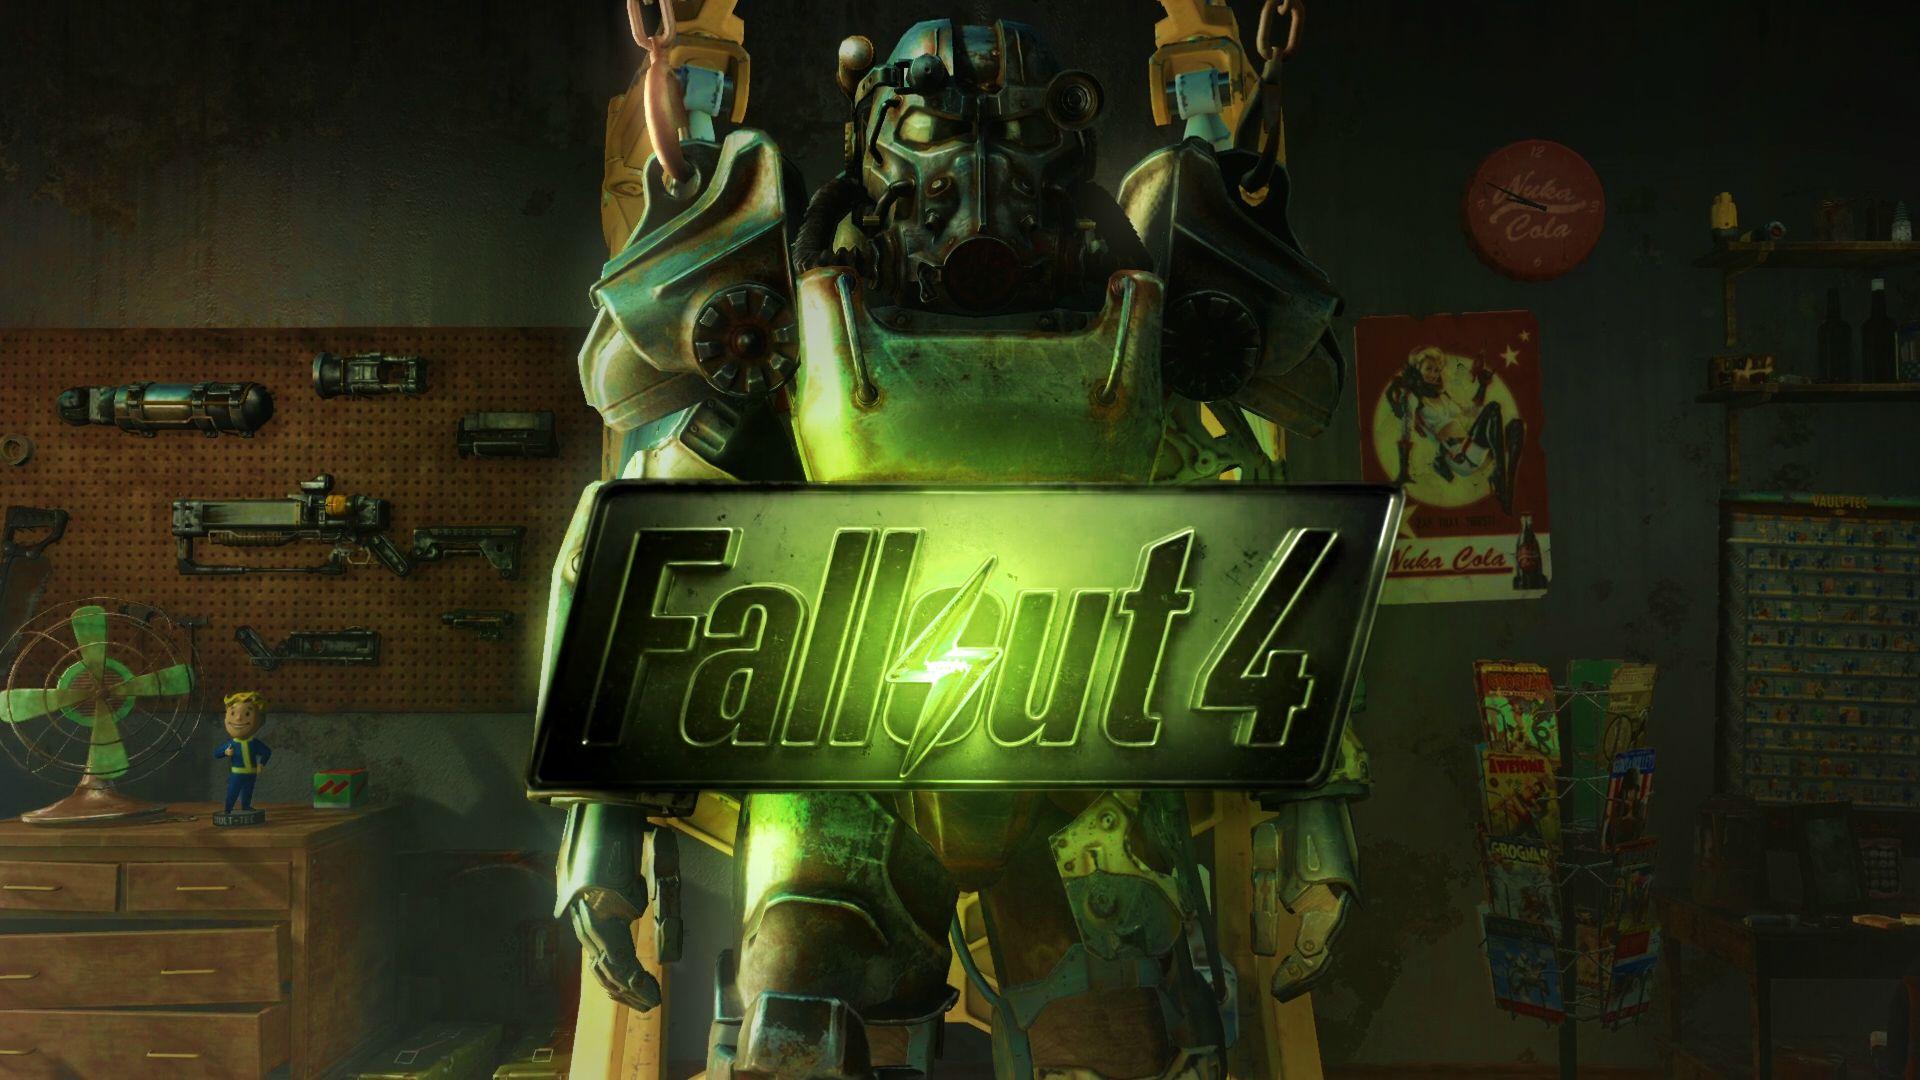 Citaten Seneca Fallout 4 : Videospel fallout wallpaper